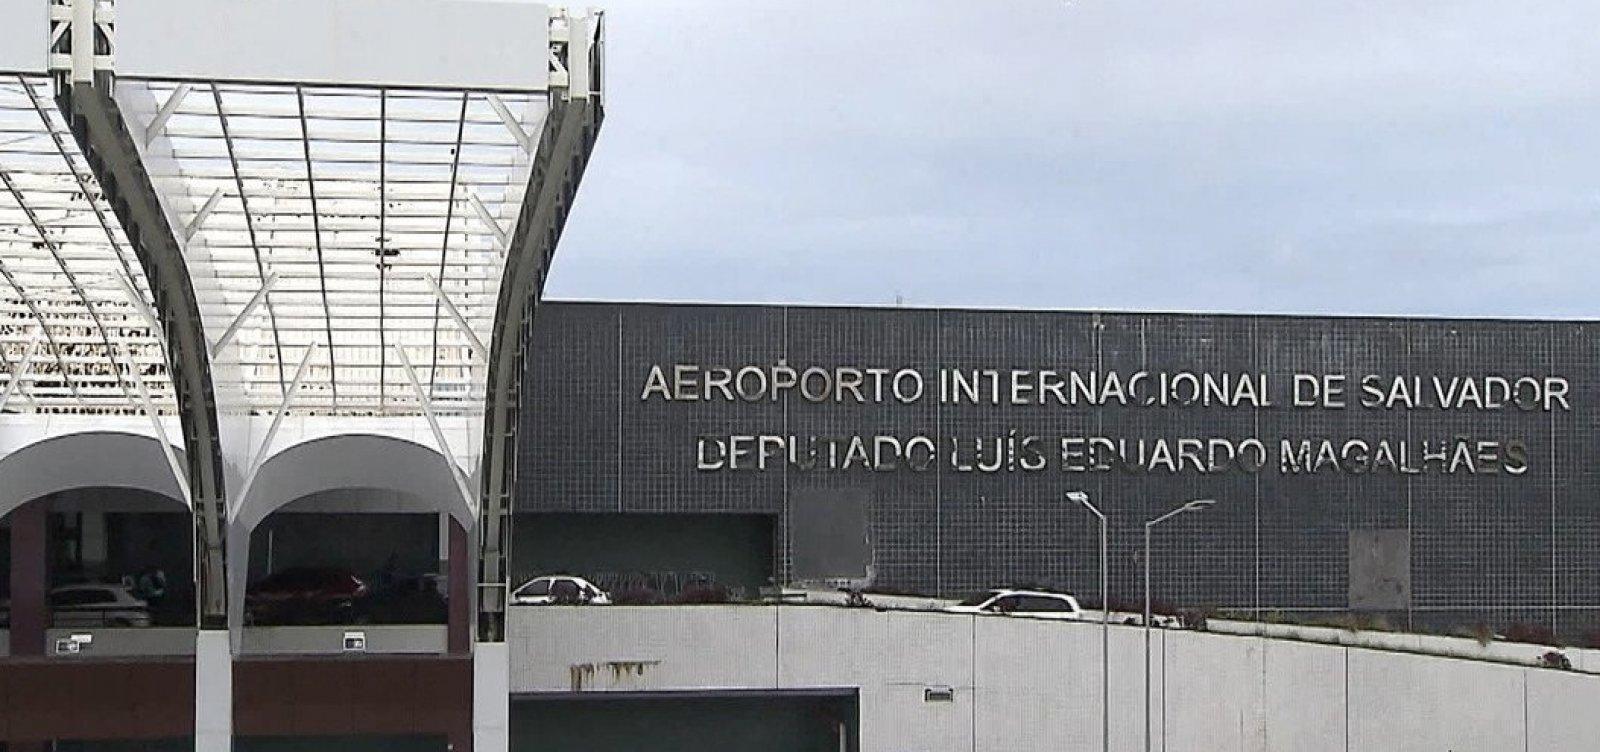 [Manutenção no Aeroporto de Salvador deixará terminal sem ar-condicionado]